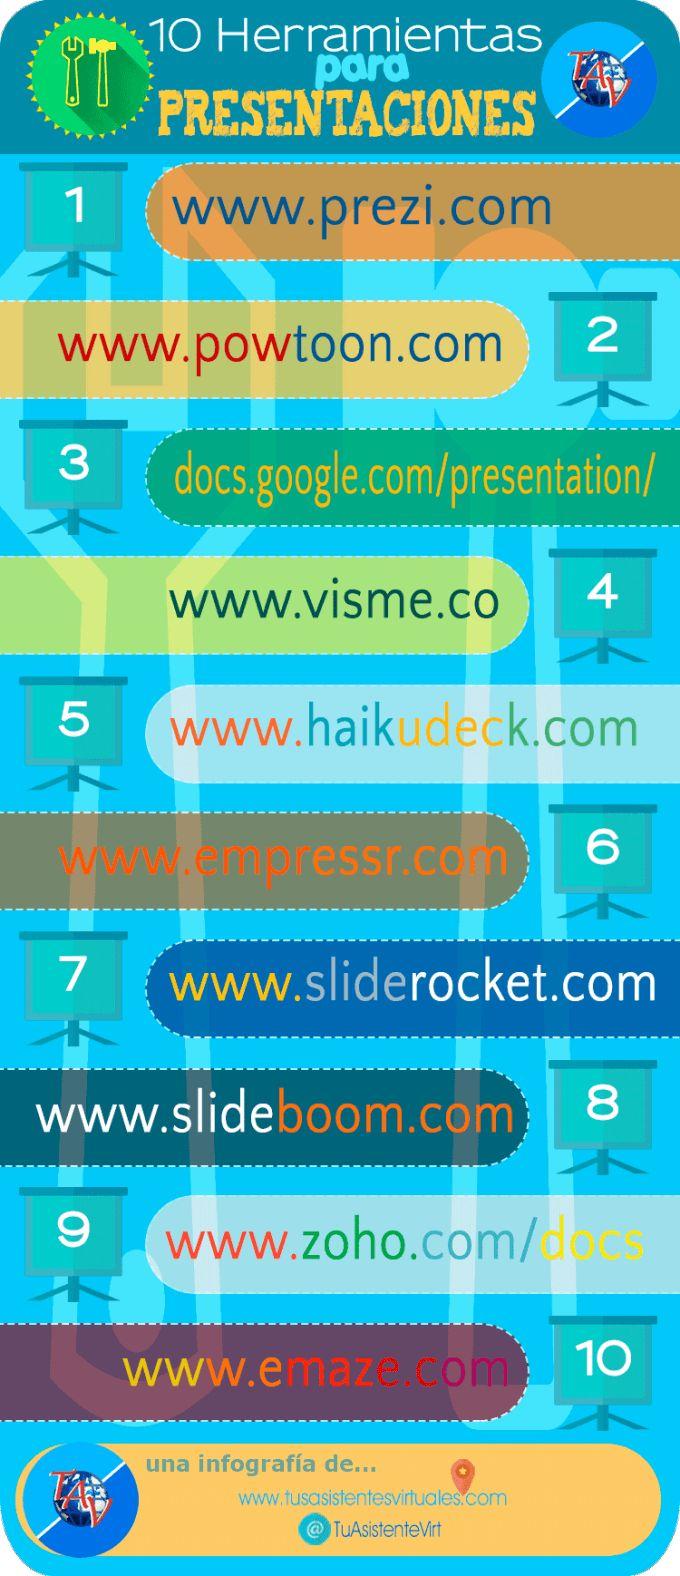 """Hola: Compartimos una interesante infografía sobre """"Presentaciones Impactantes - 10 Herramientas TIC para el Aula"""". Un gran saludo.  Visto en: tusasistentesvirtuales.com  También le pue..."""